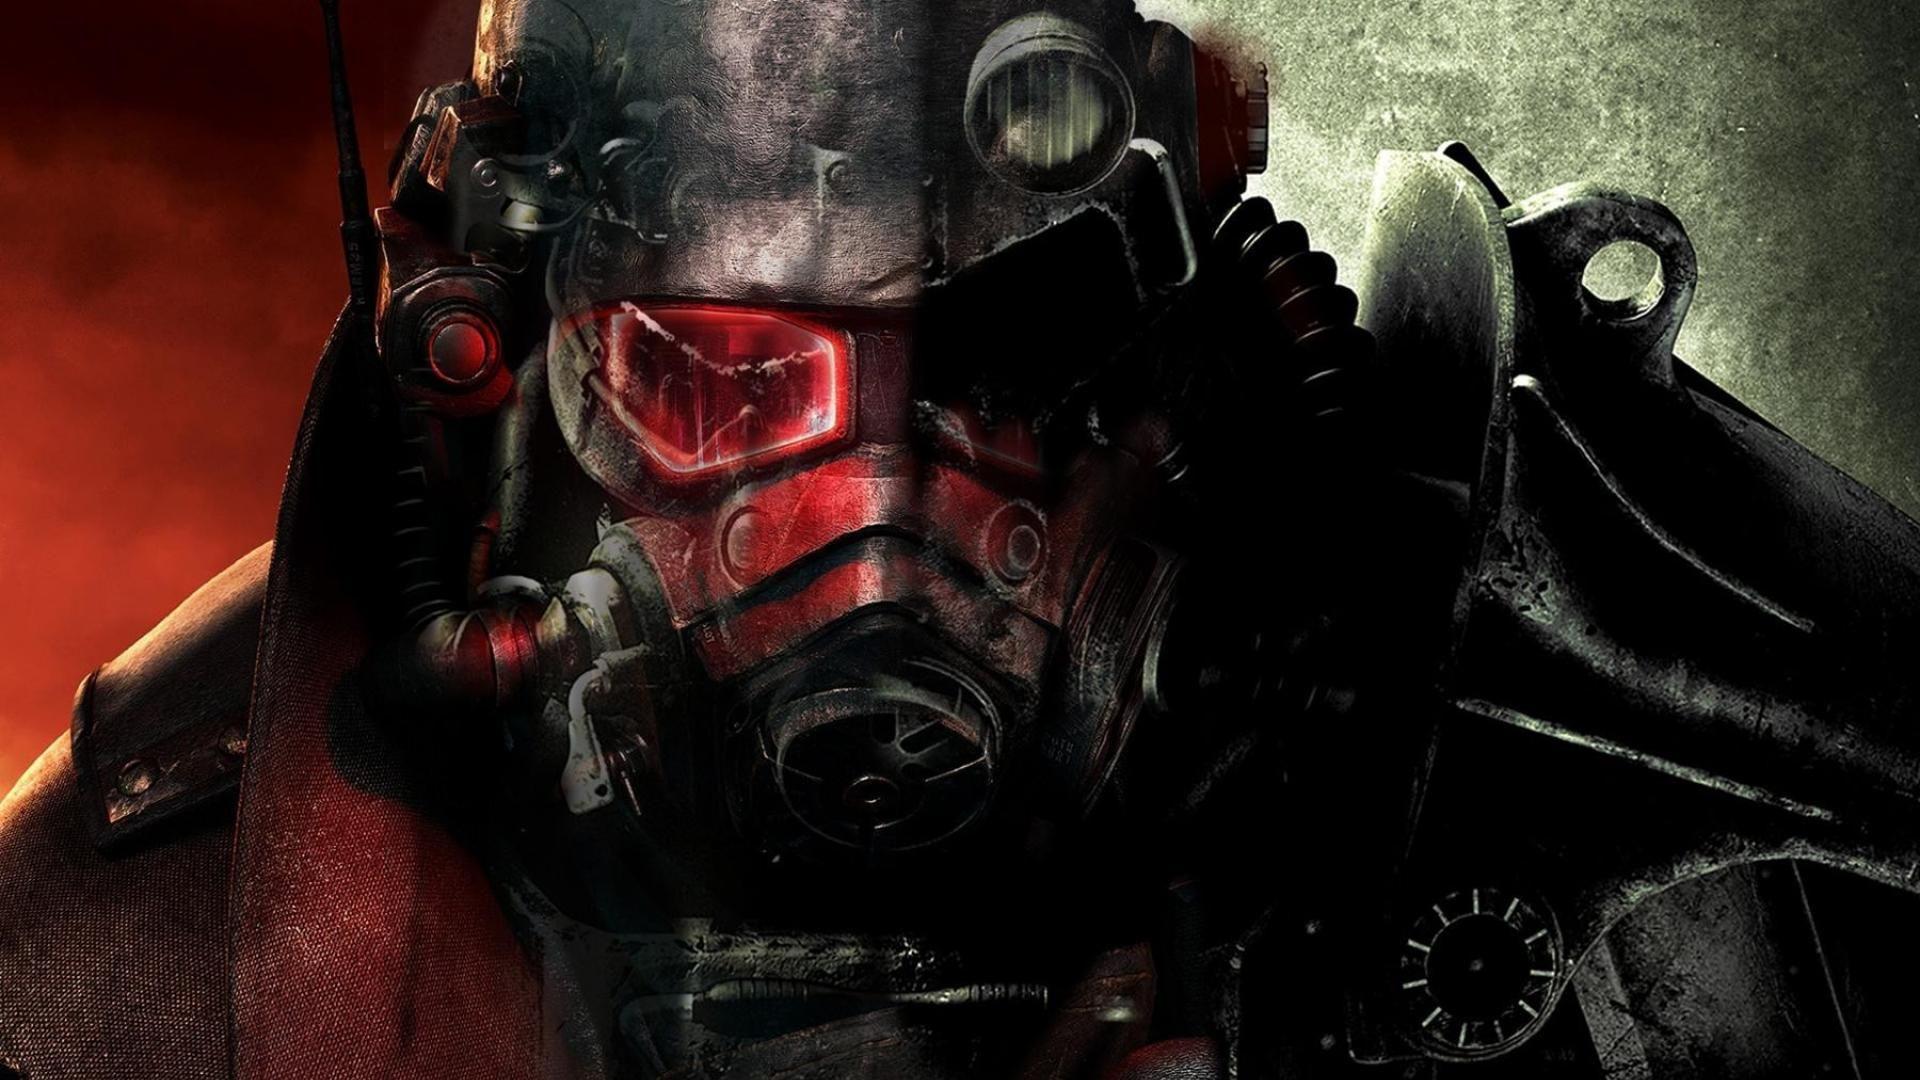 Pin By Blob On Fallout Art Fallout Fallout New Vegas Fallout